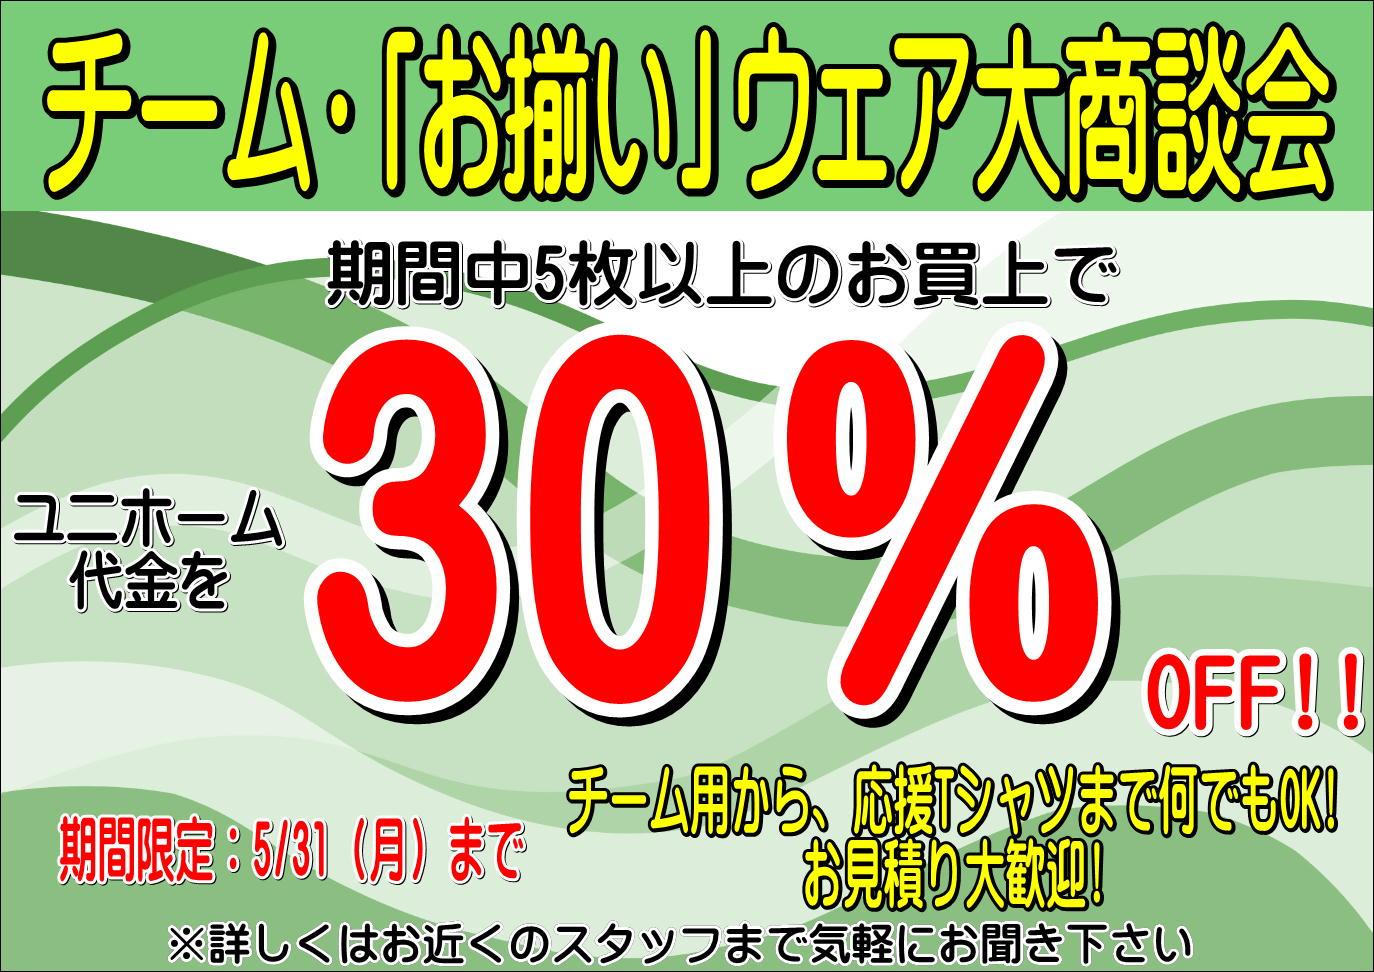 【 チーム・「お揃い」ウェア大商談会開催中!! 】